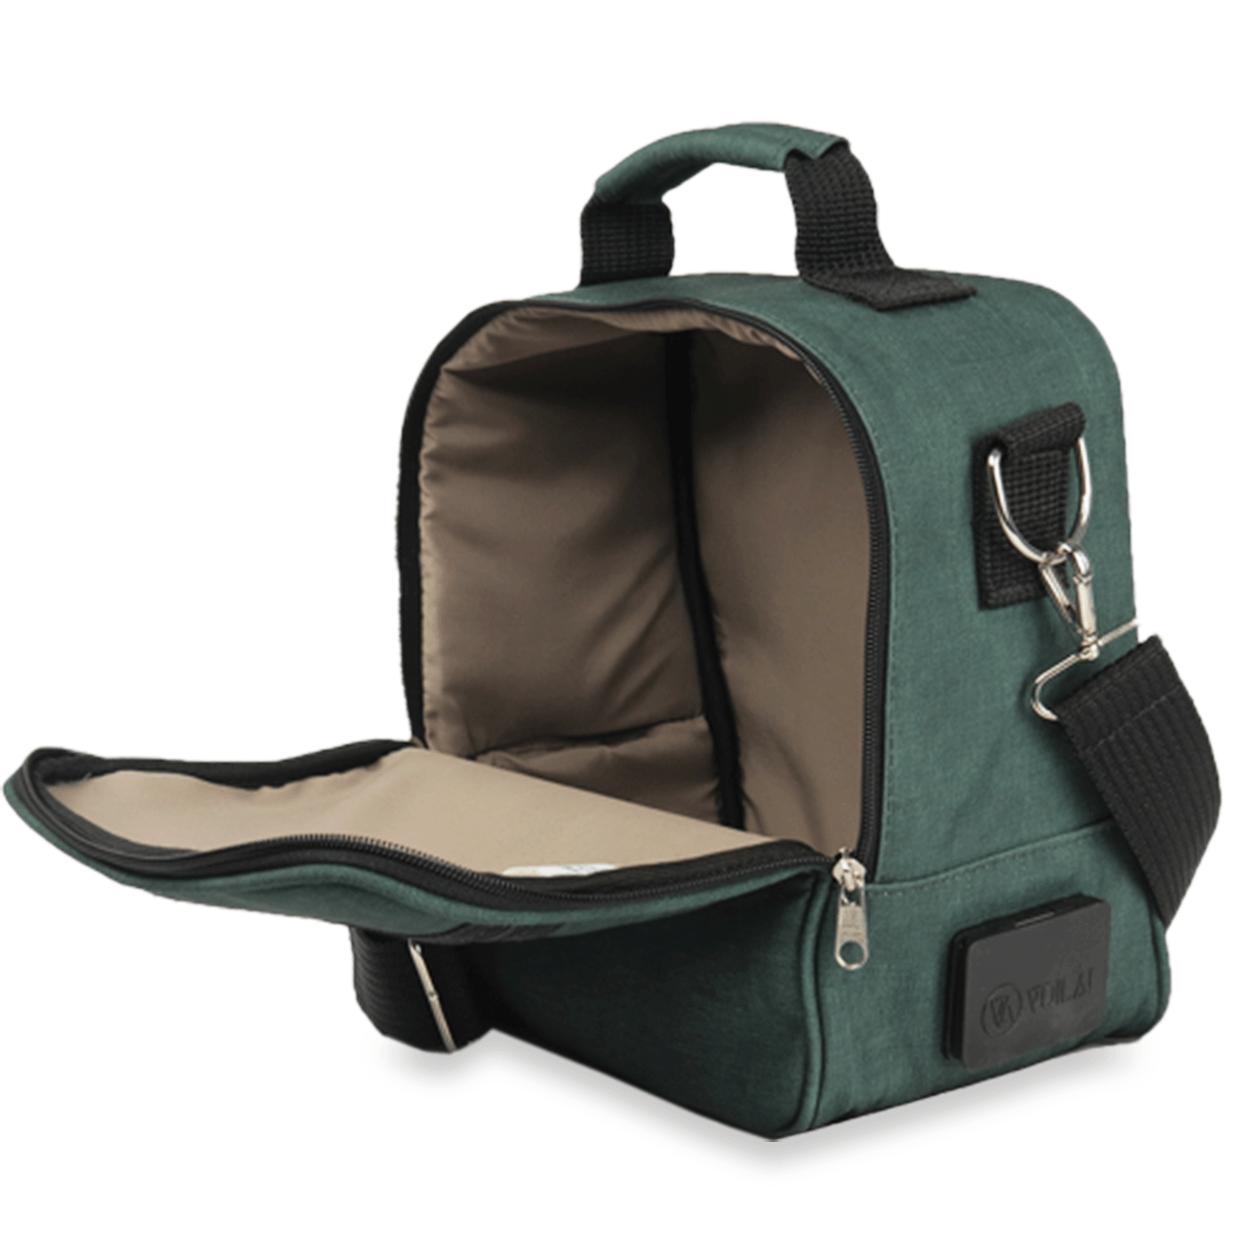 Bolsa Elétrica Voilà! Bag - Kanvas Verde (Com todos os acessórios)